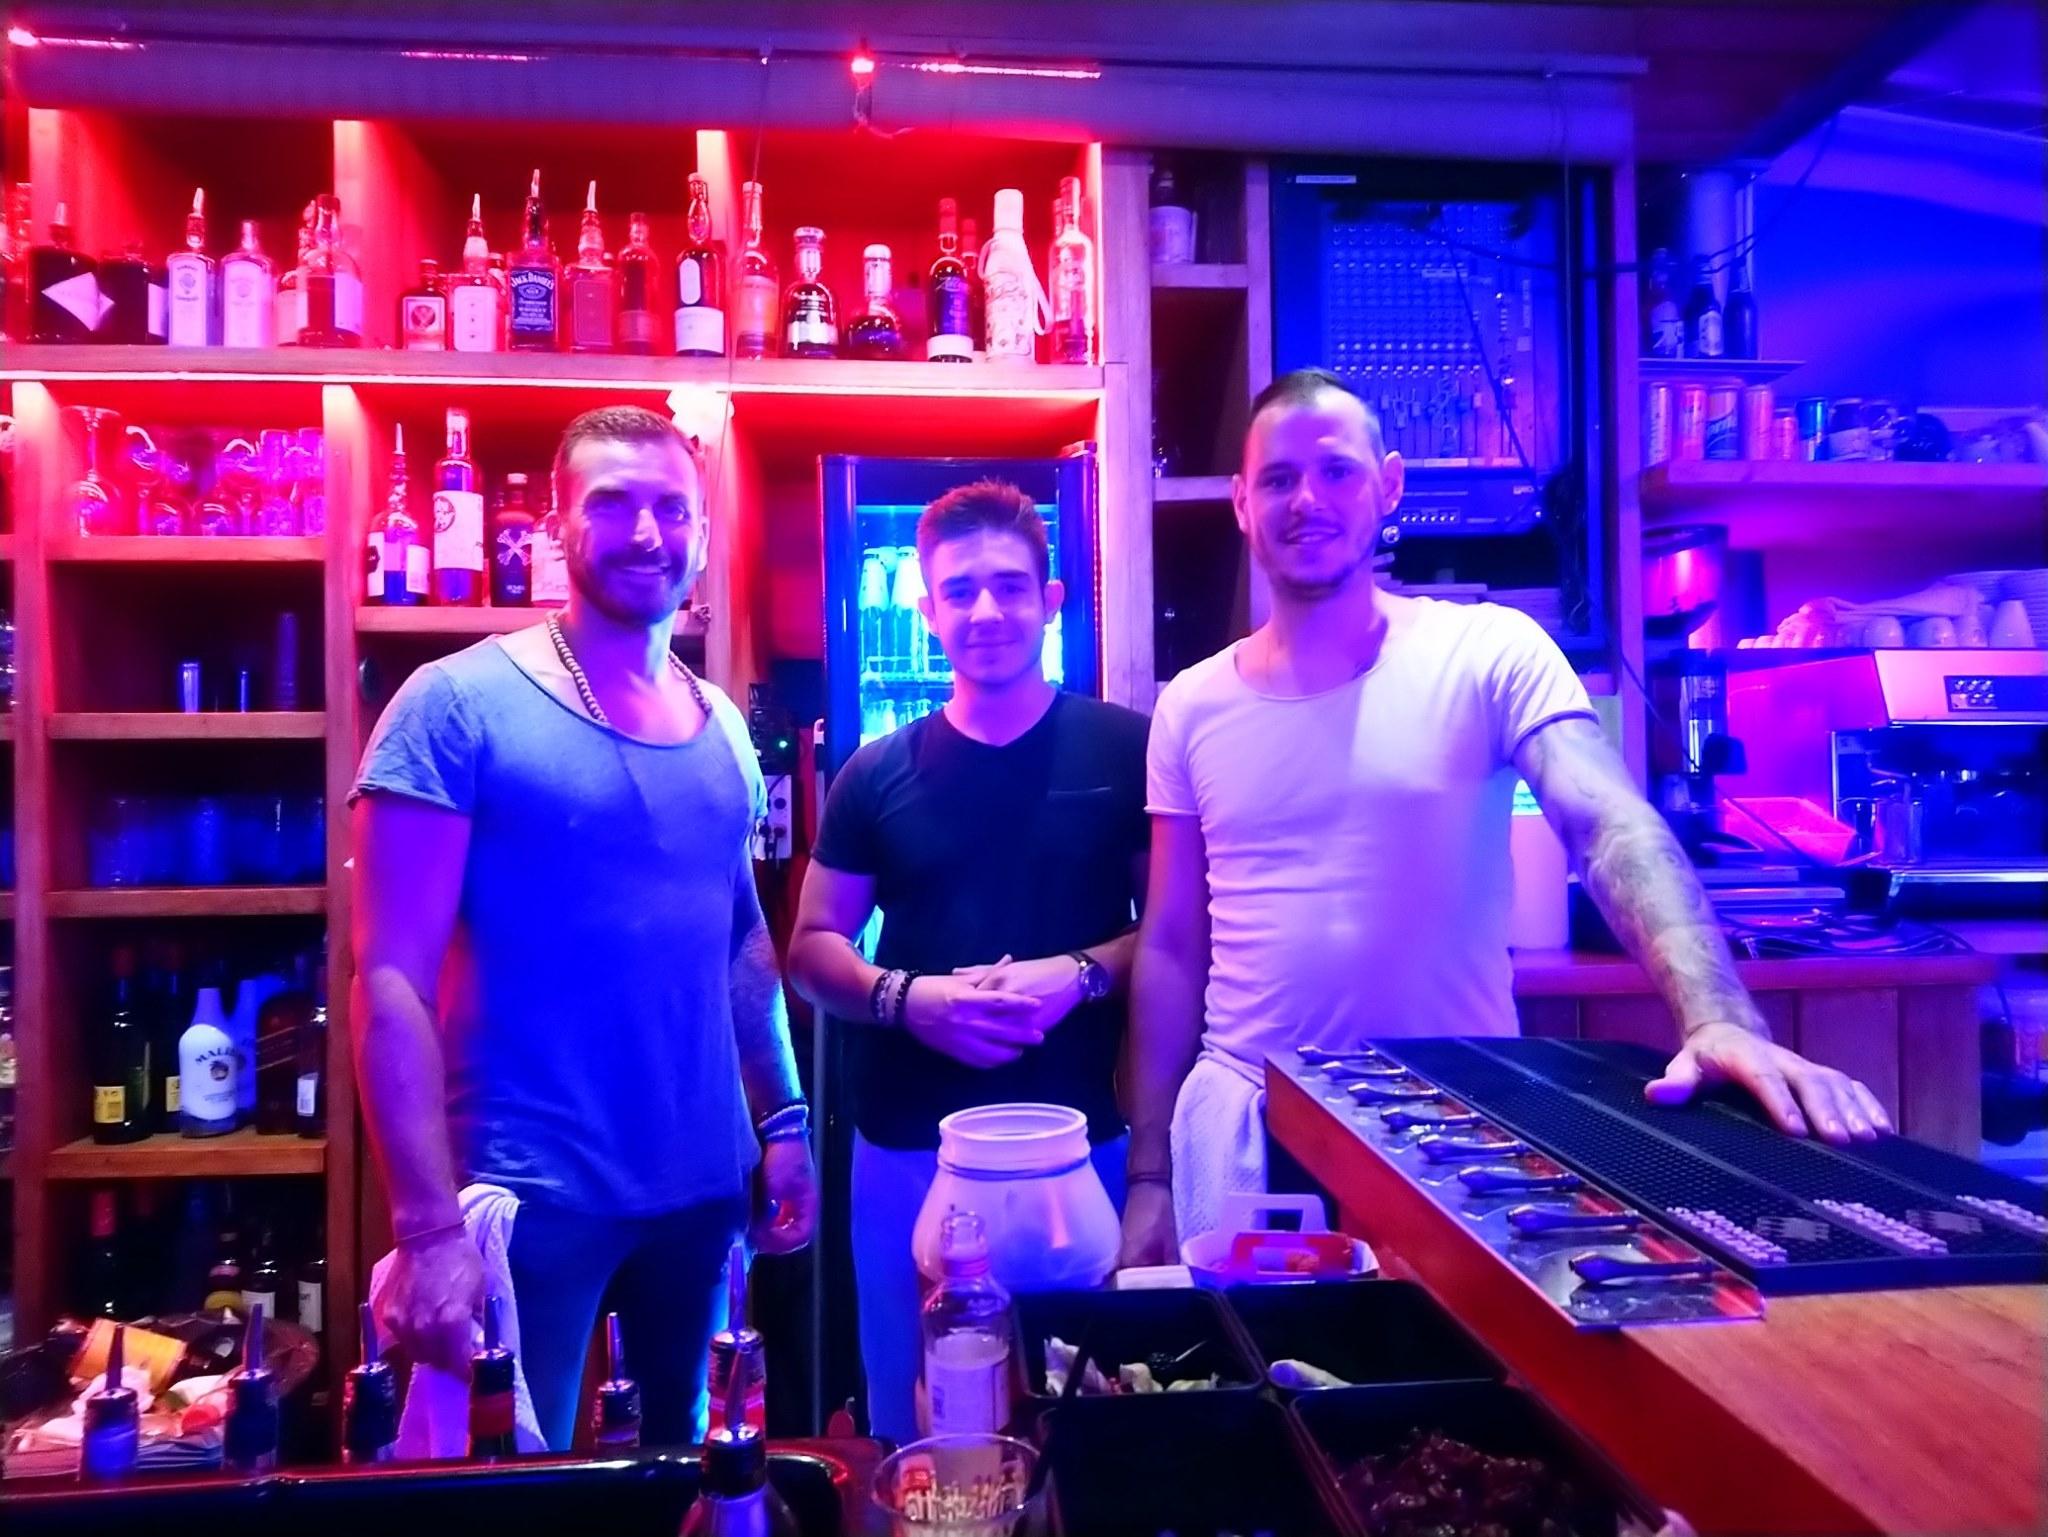 The 7th Heaven - Bar à cocktails rooftop Fréjus/Saint-Raphael - Olivier, Quentin et Vincent